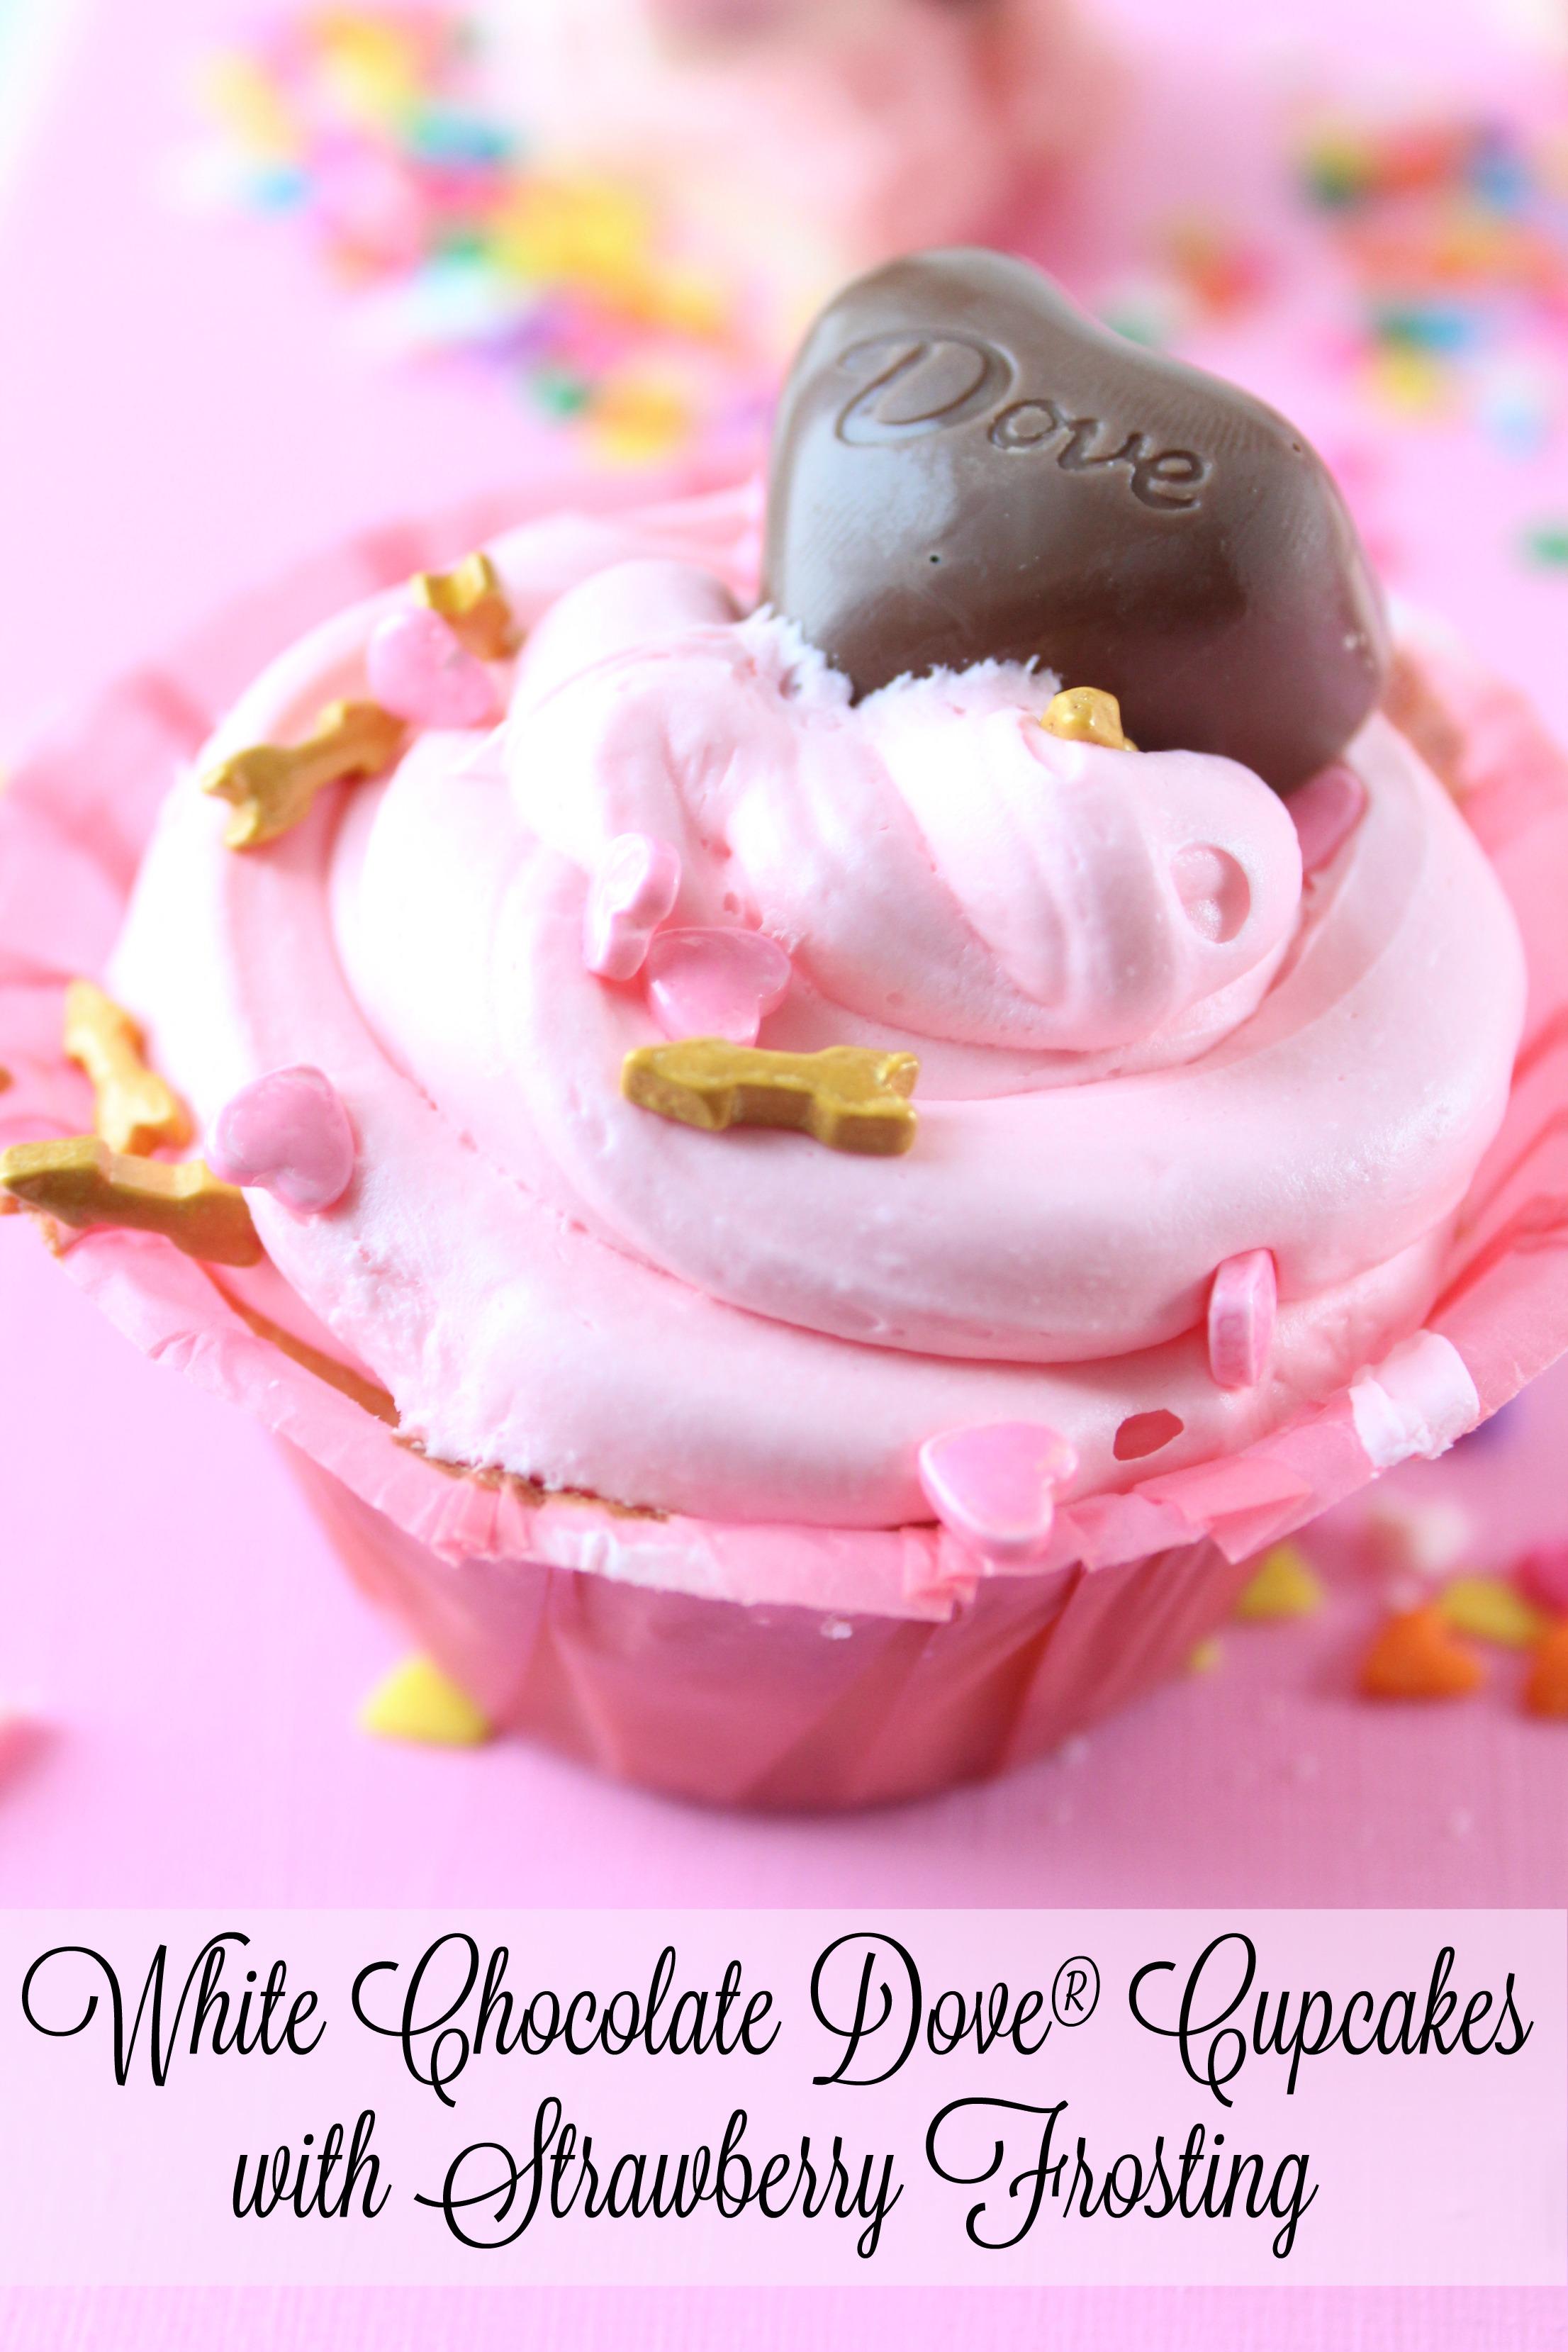 White Chocolate Dove® Cupcake Surprise Recipe for Valentine's Day